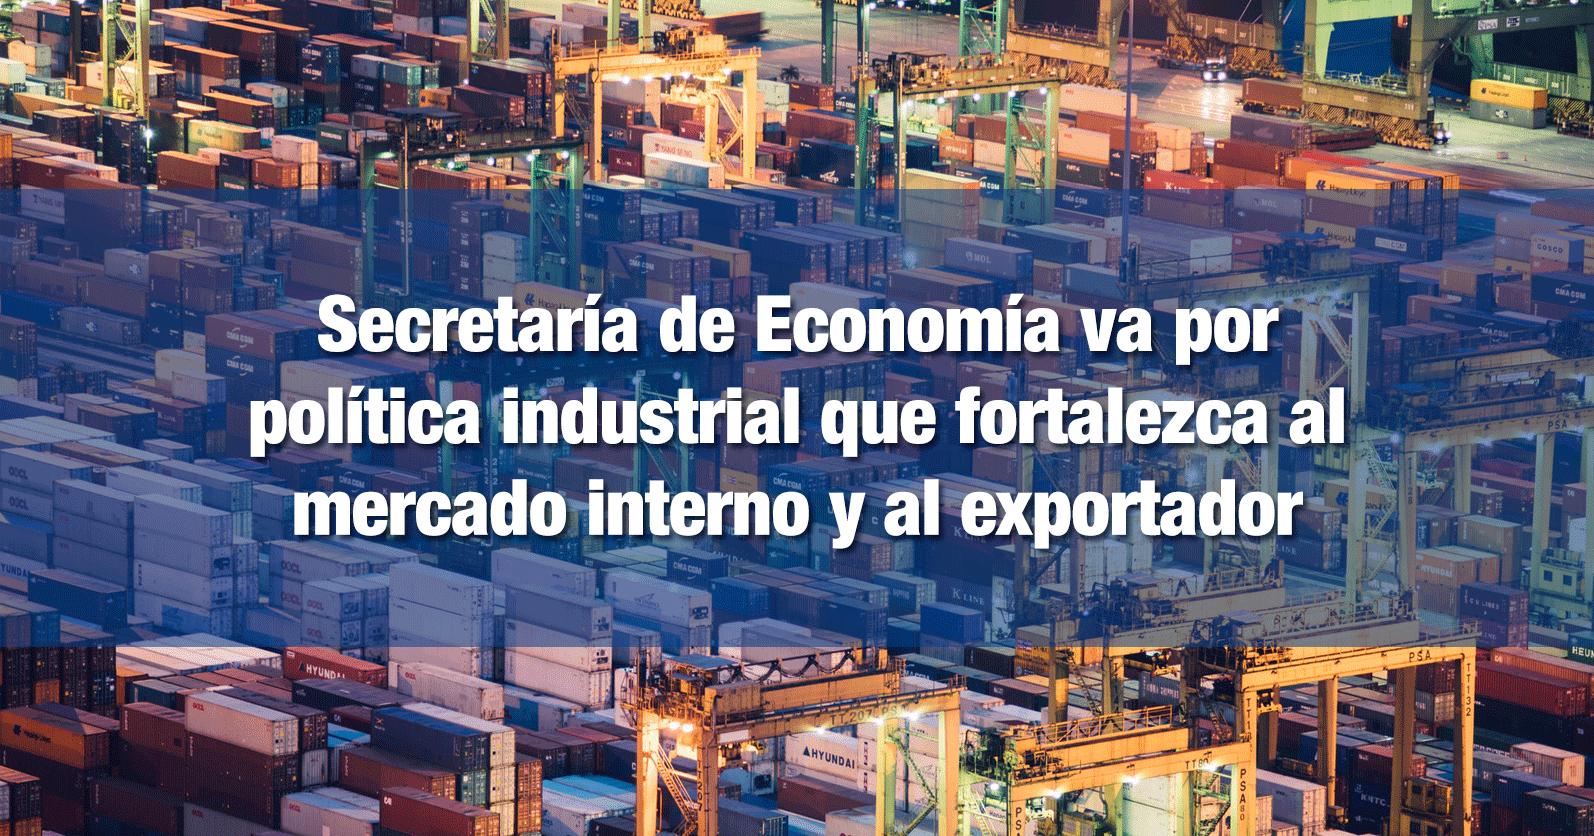 Secretaría de Economía va por política industrial que fortalezca al mercado interno y al exportador